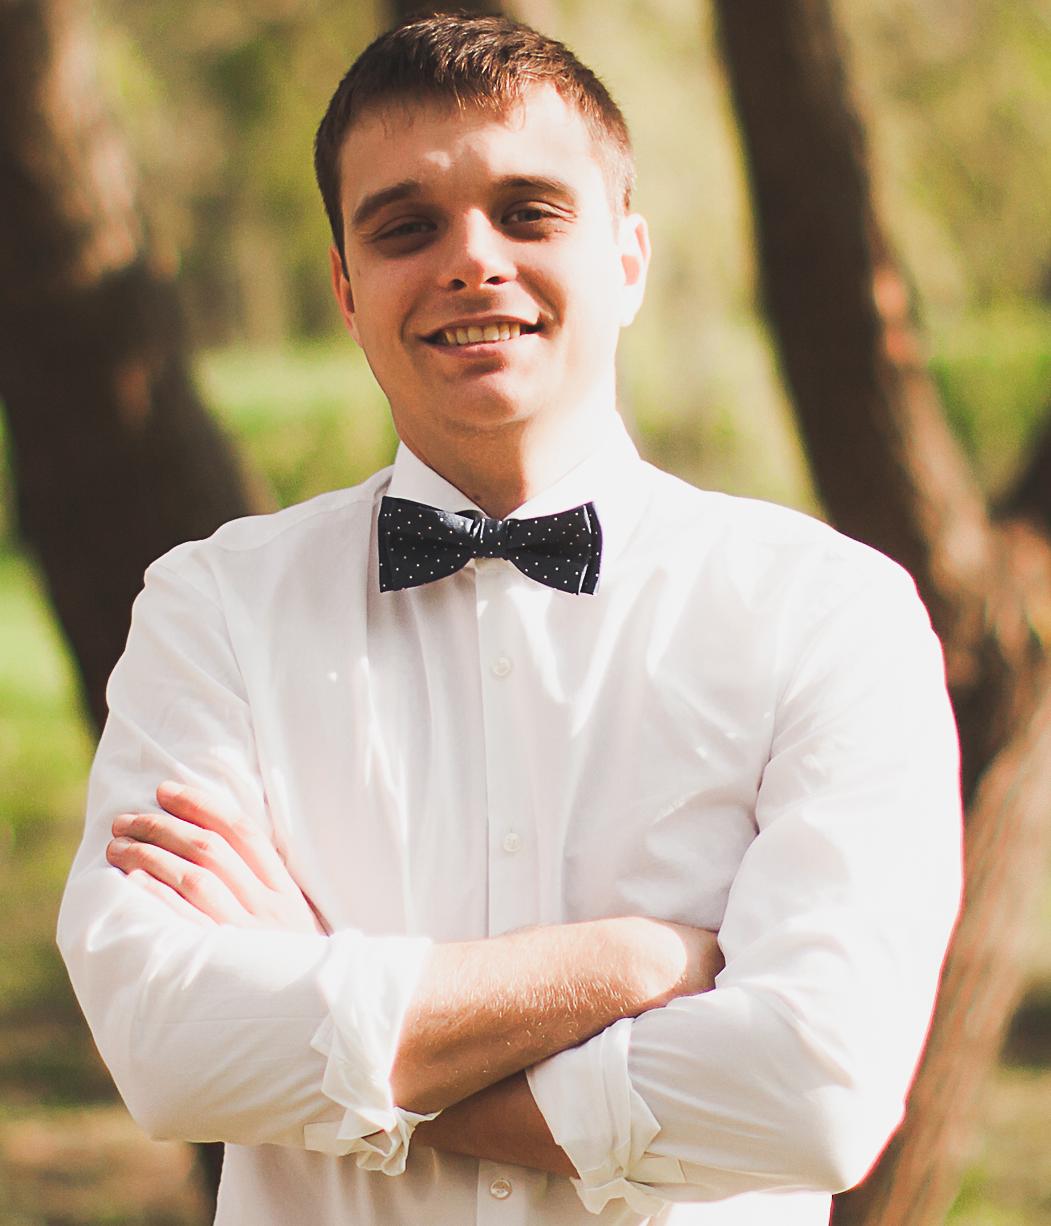 Evgeny Tkachenko